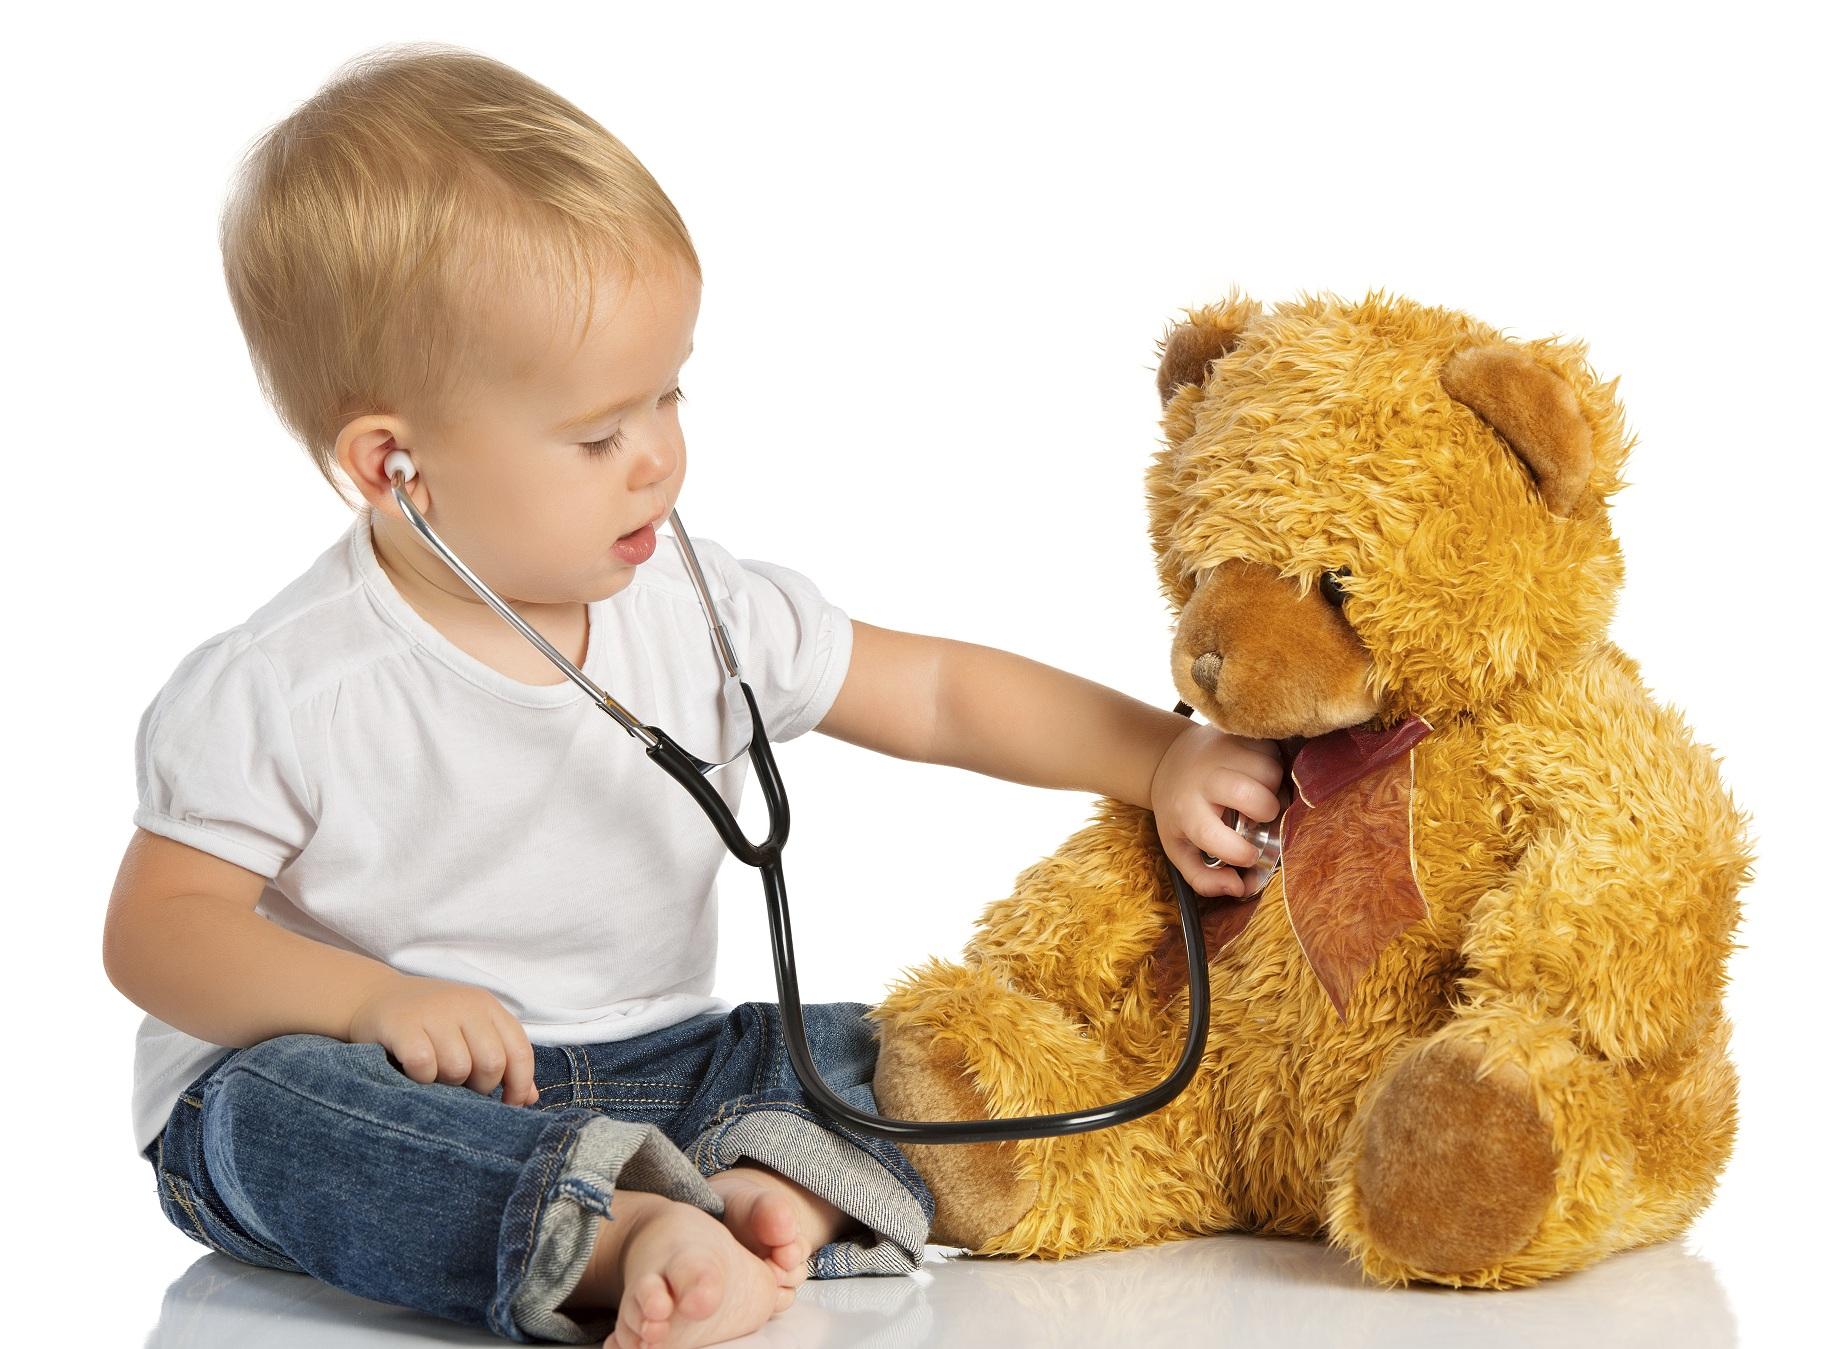 اعراض امراض القلب للاطفال